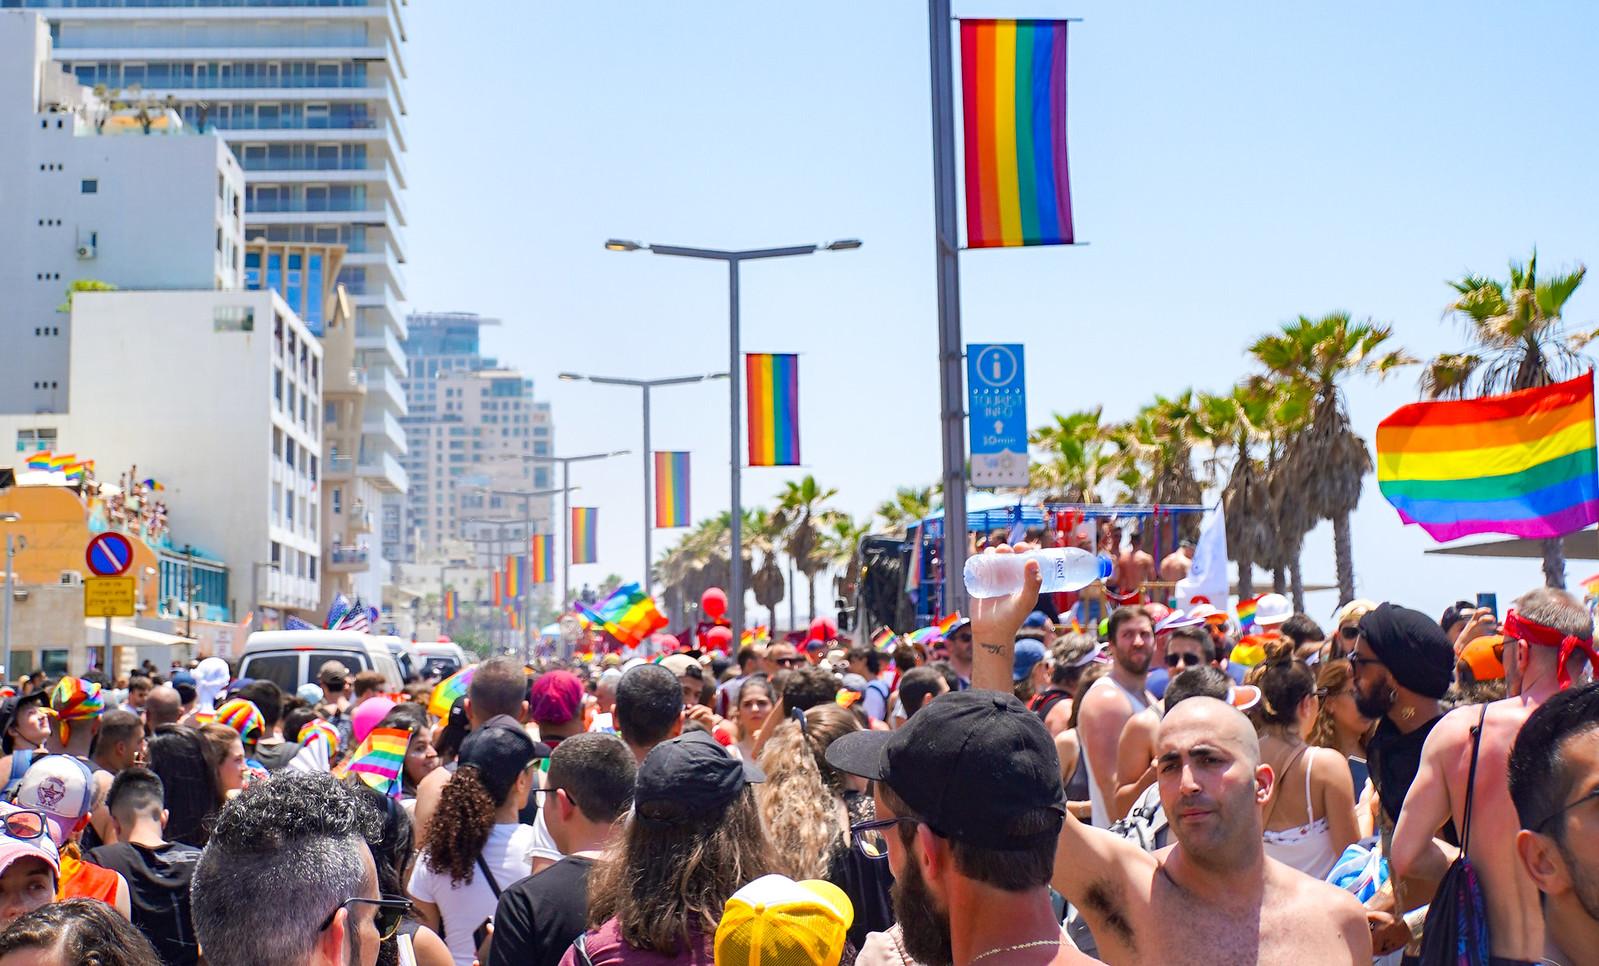 2019.06.14 Tel Aviv Pride Parade, Tel Aviv, Israel 1650037